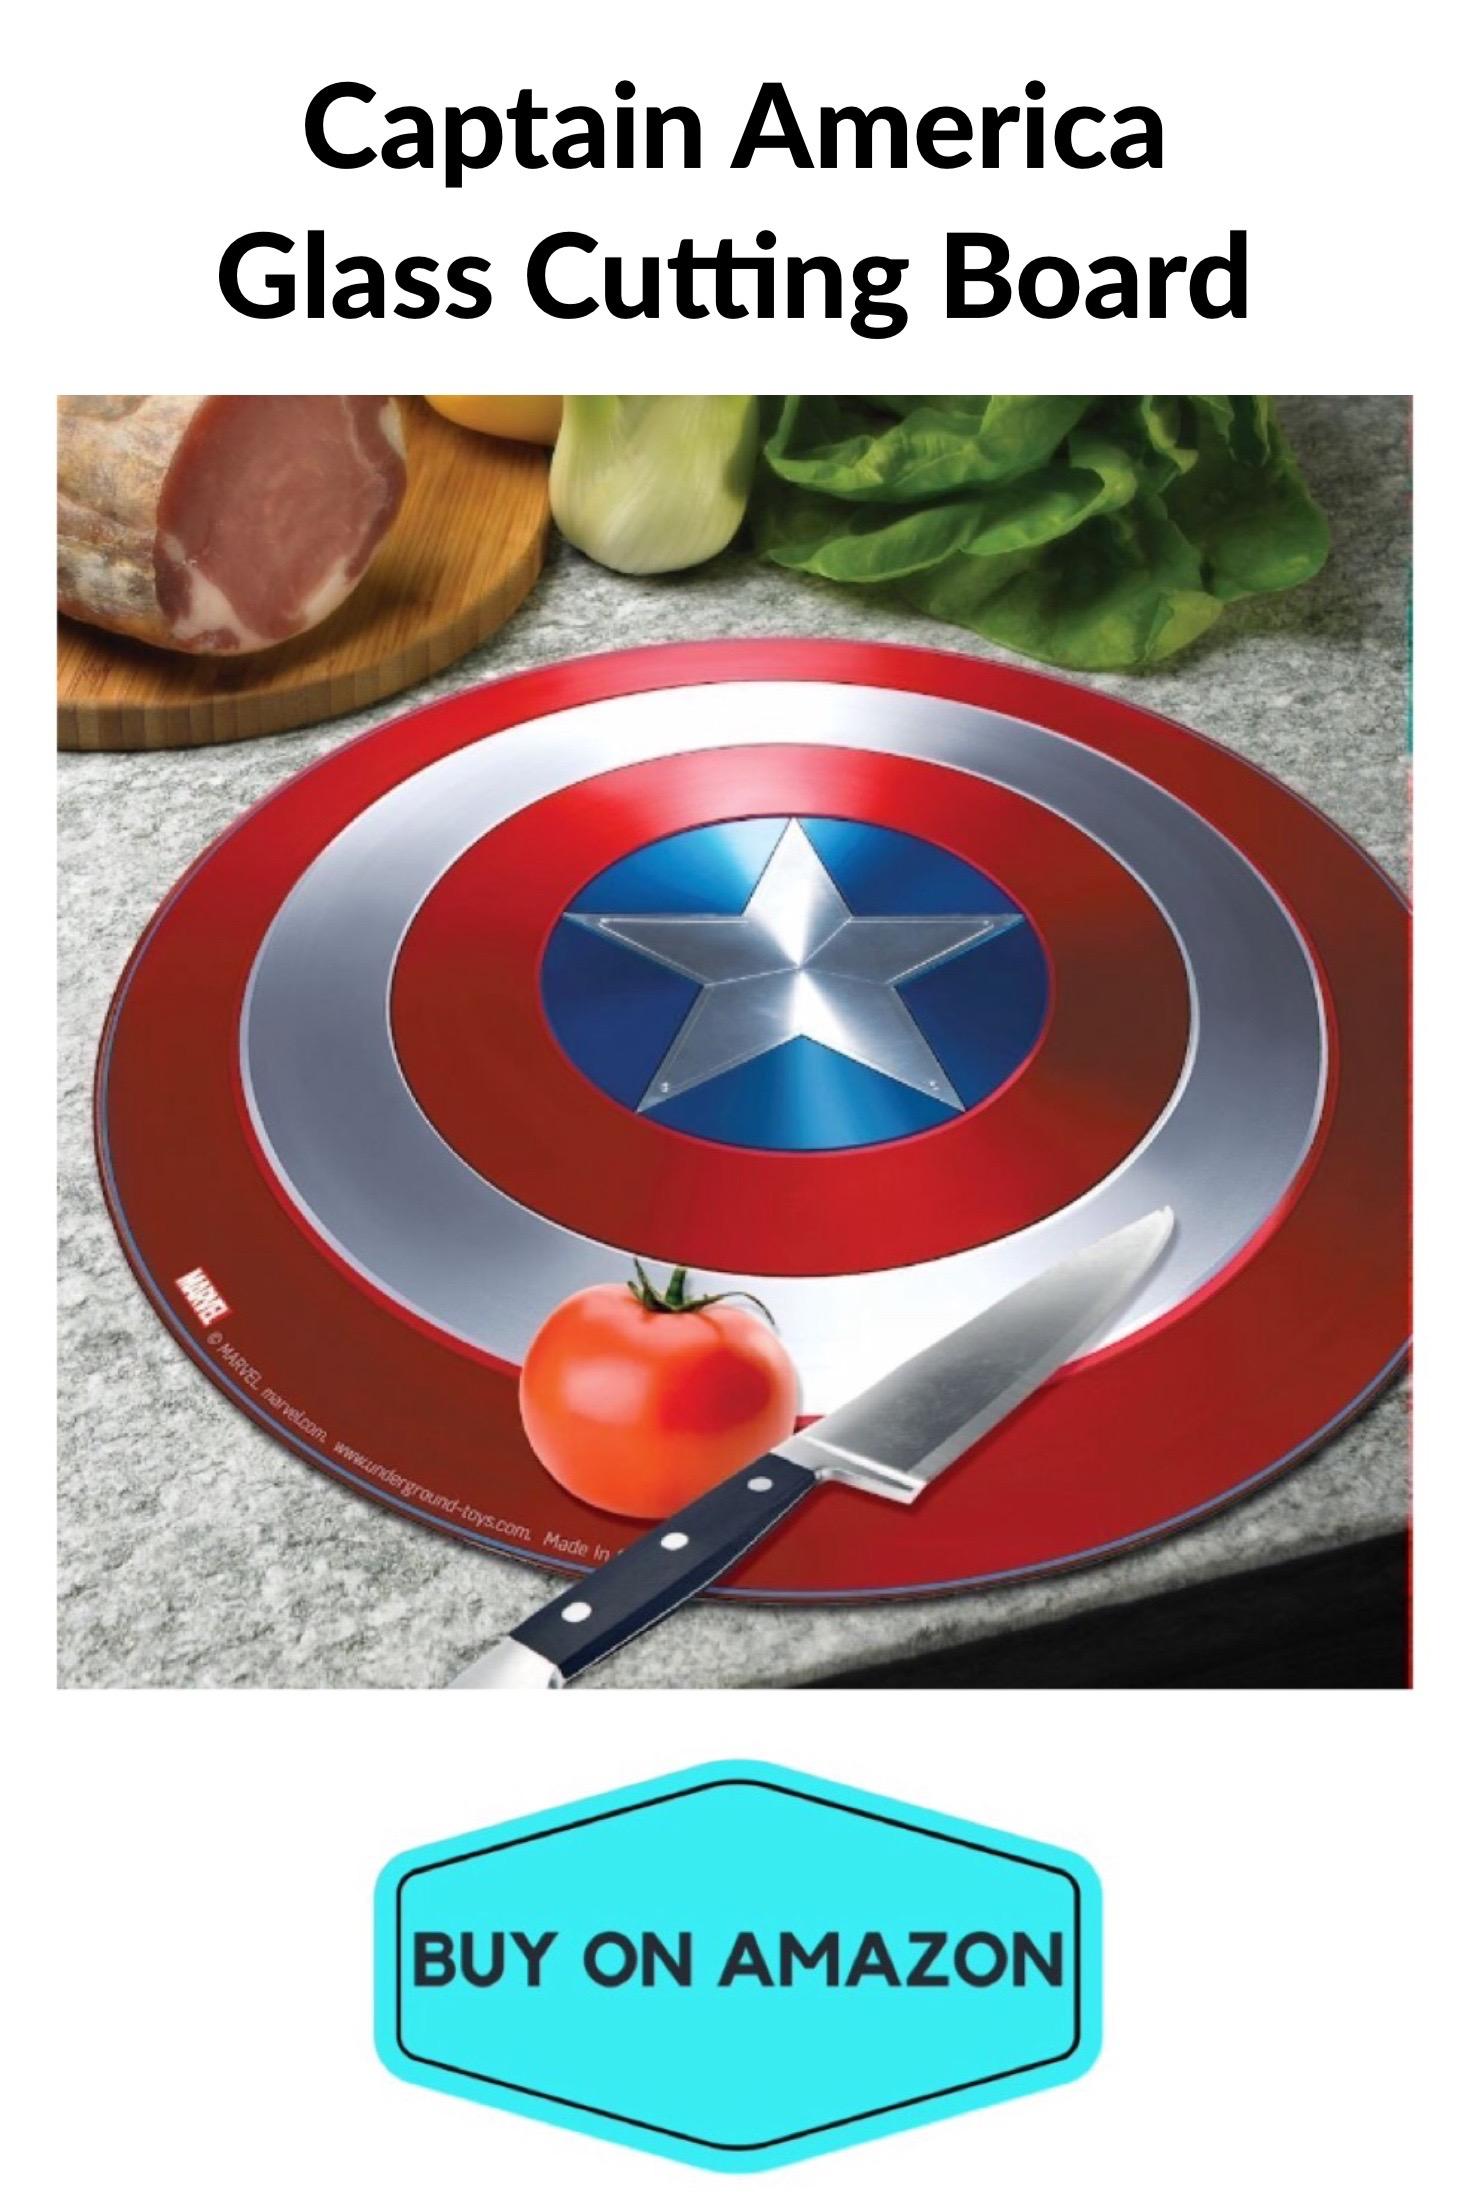 Captain America Glass Cutting Board